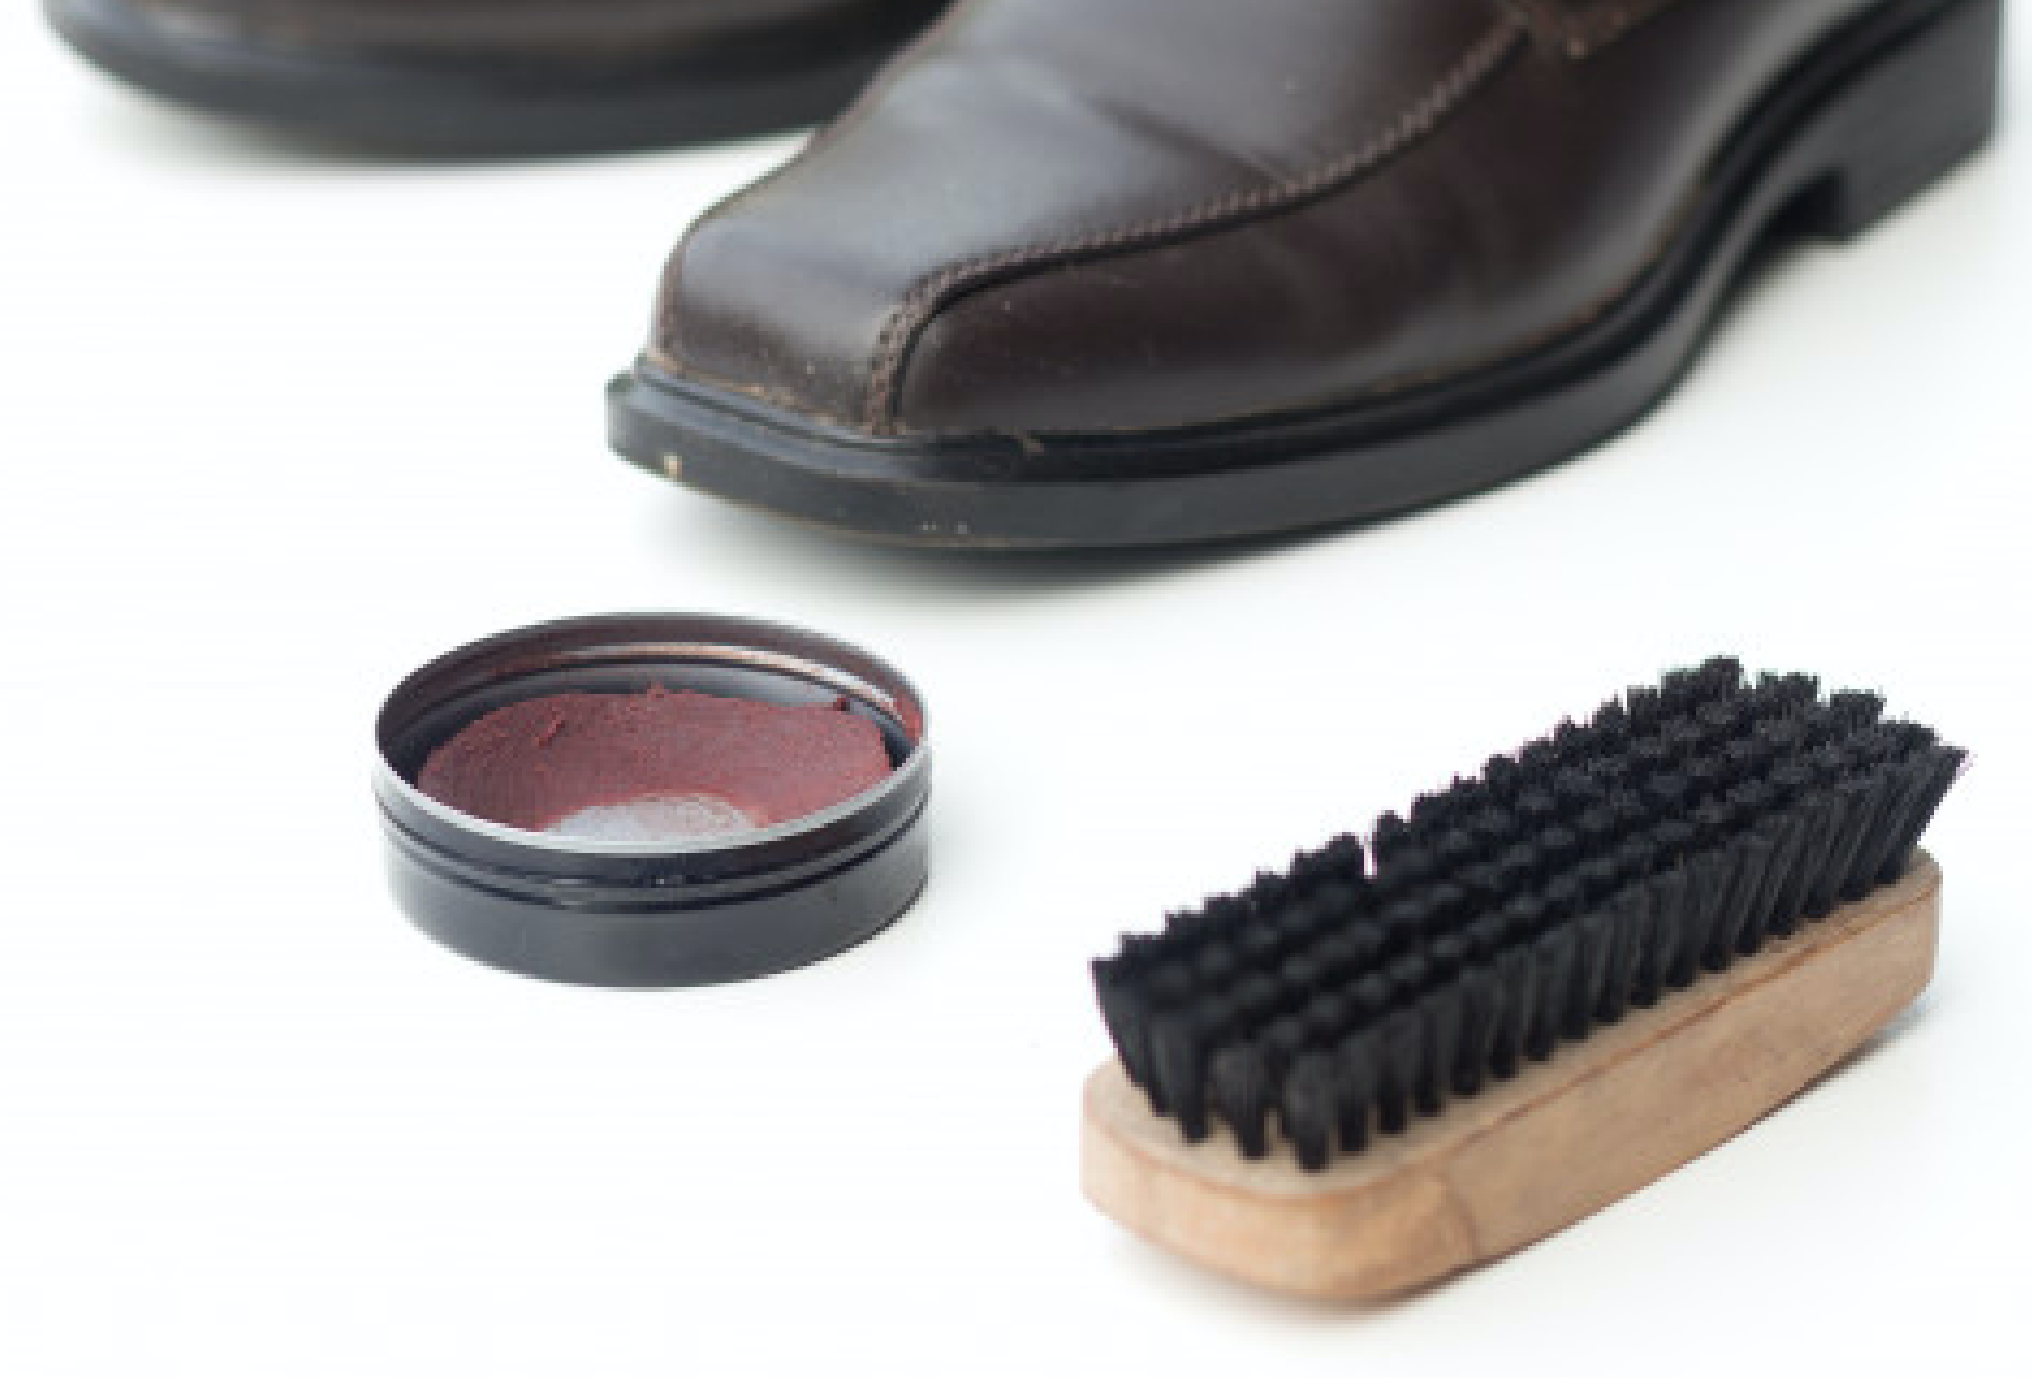 De Entretenir Ses Chaussures Sécurité Lisablog Comment QCrdxoeWB